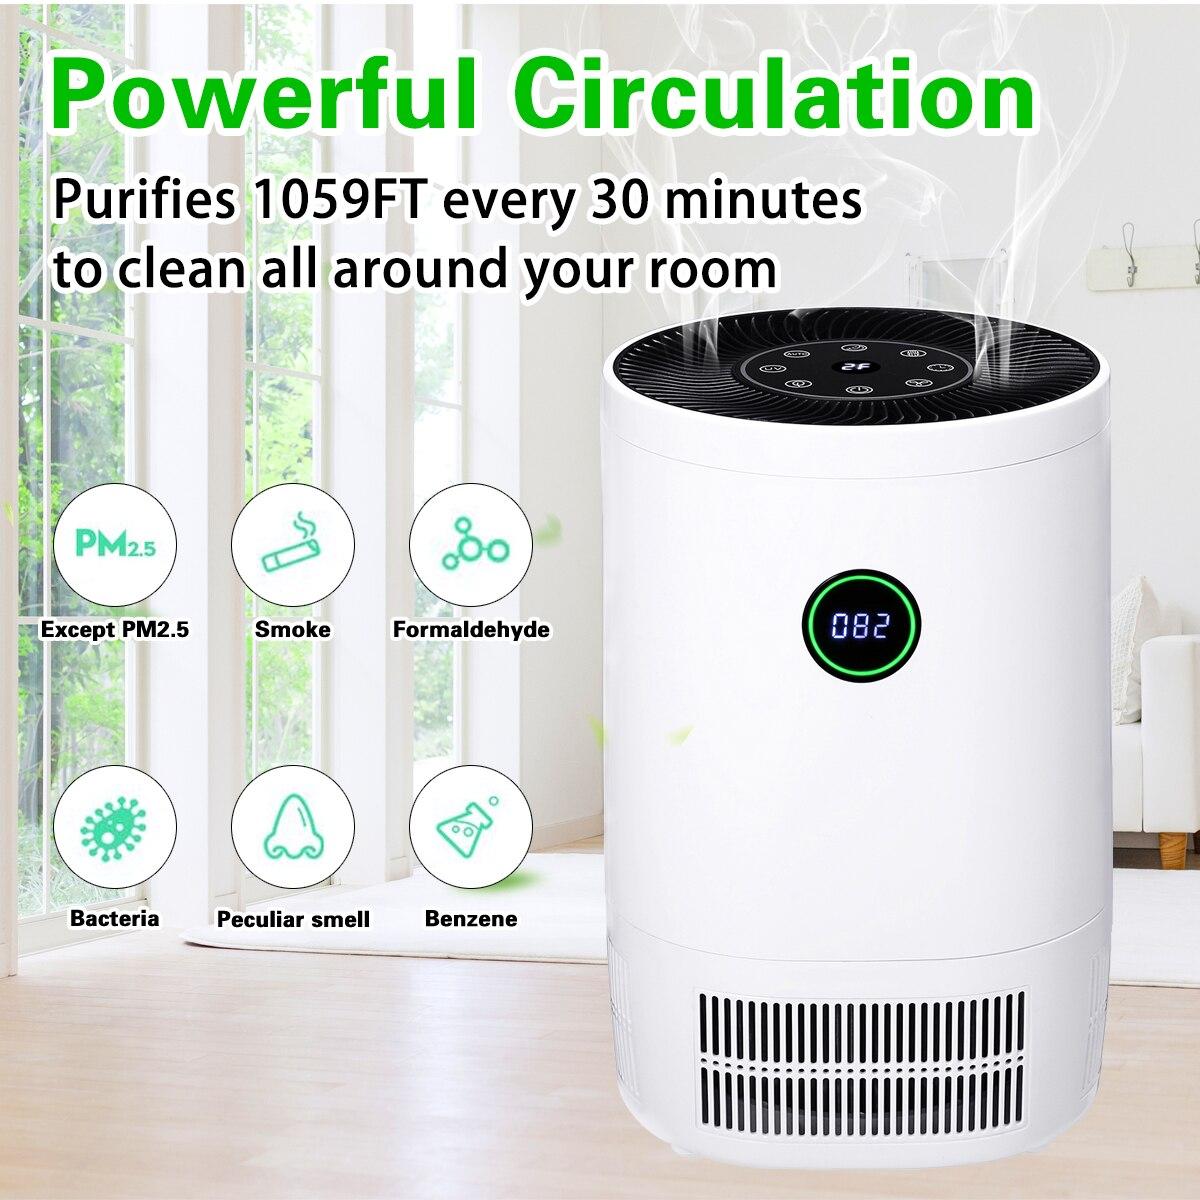 Очиститель, ионизатора воздуха AUGIENB для дома, настоящие HEPA фильтры, настольные очистители, фильтрация, очиститель воздуха 200 м3/ч, CE, для курит...